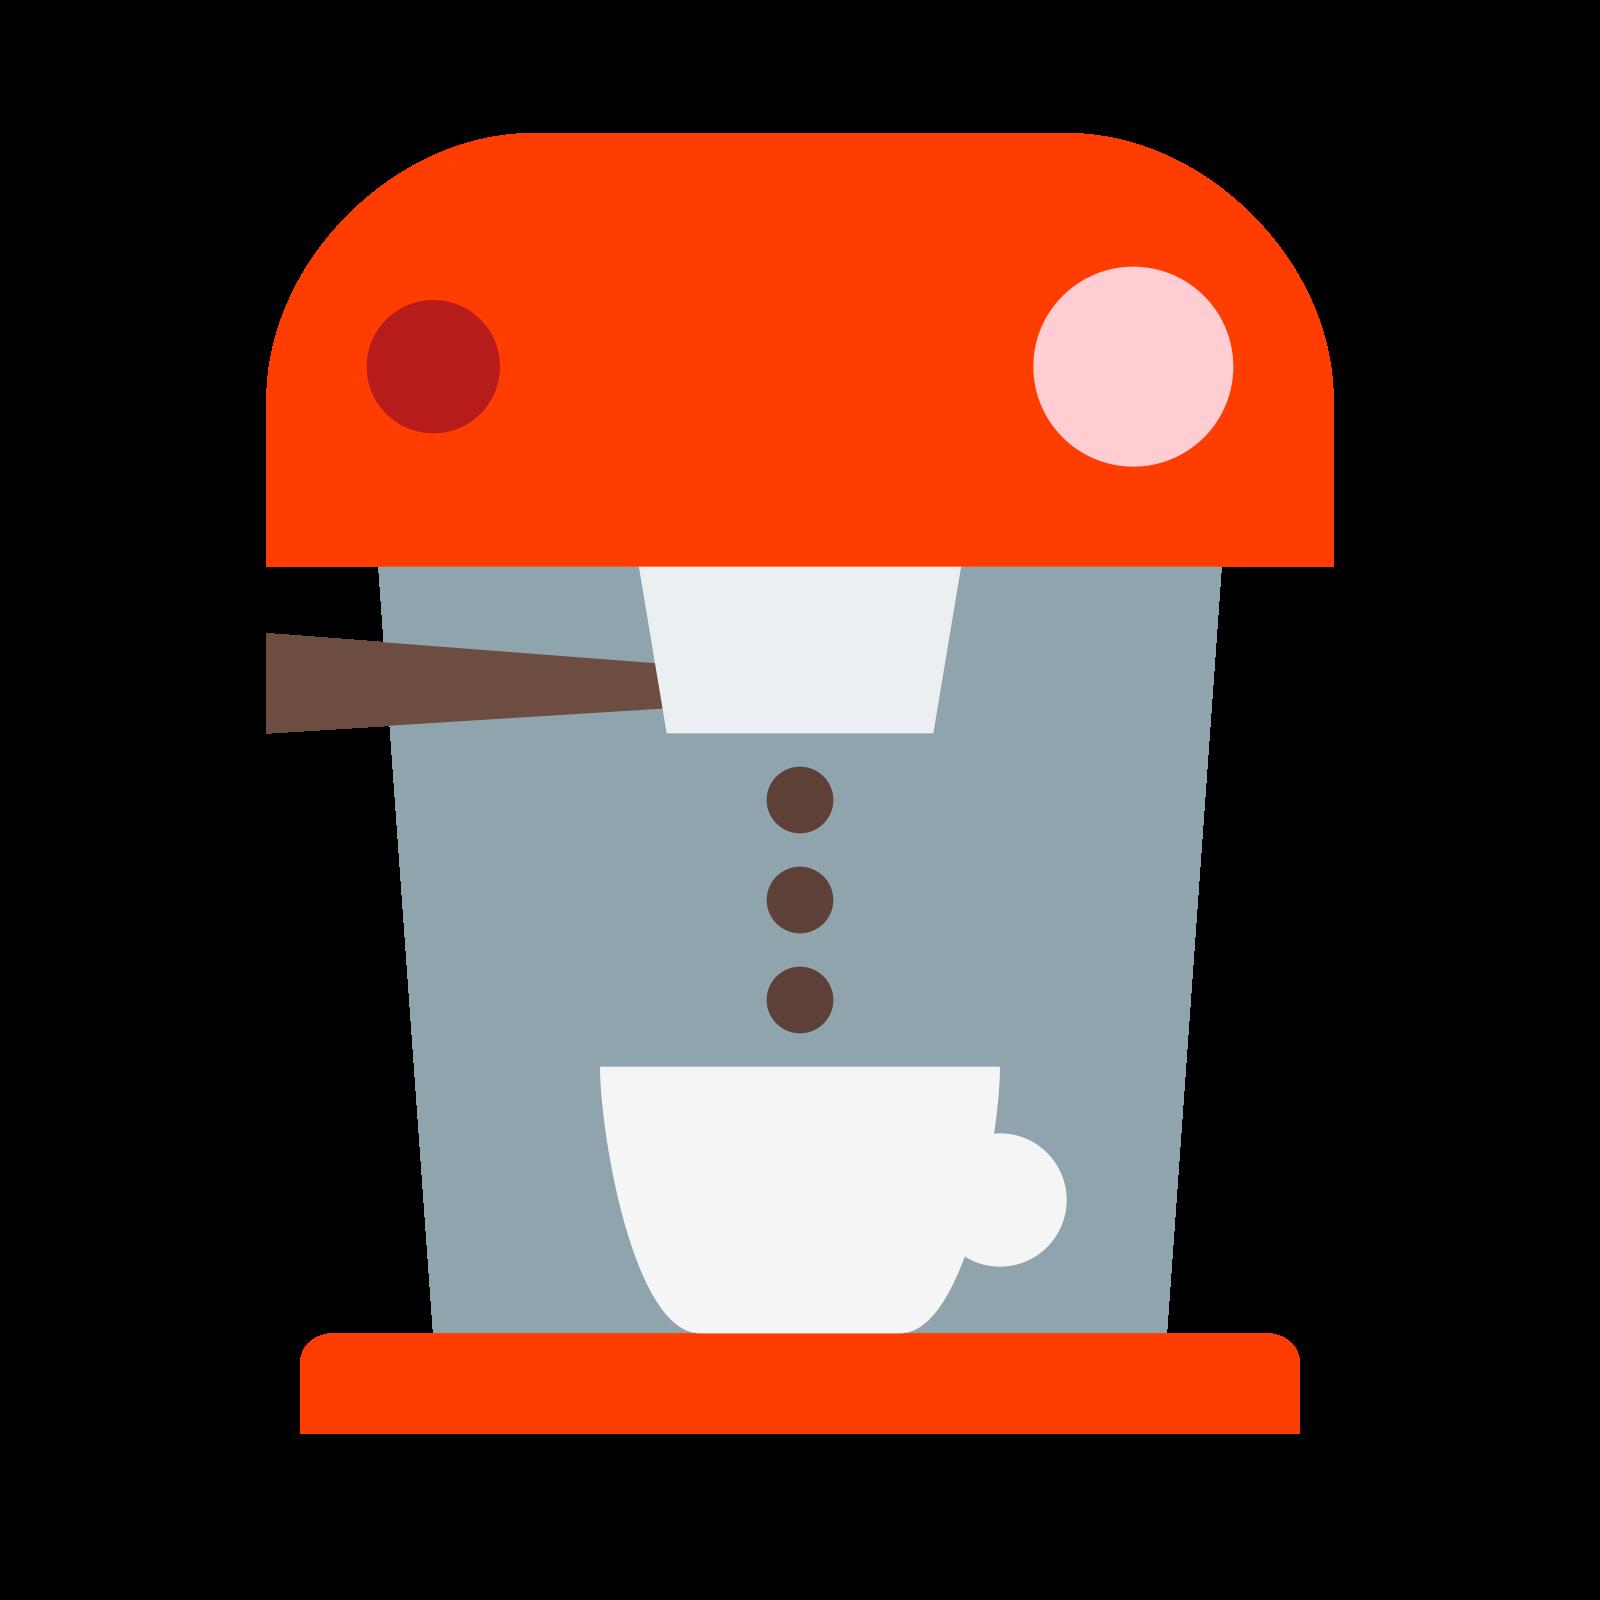 Ekspres do kawy icon